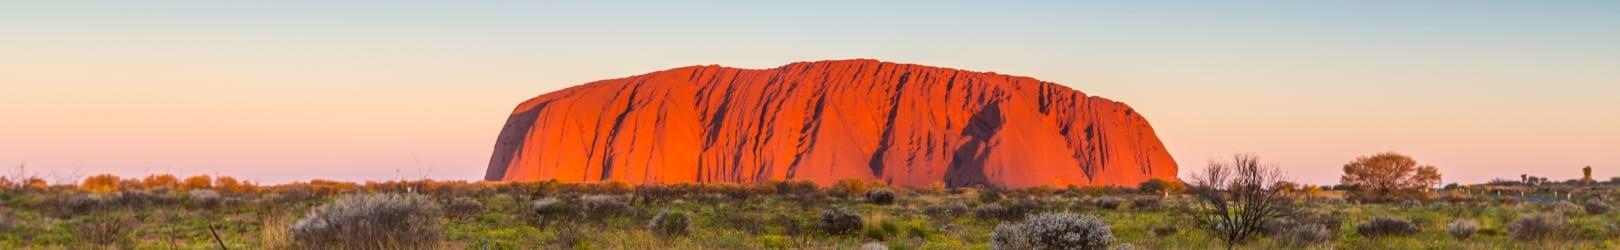 Découvrez les terres rouges d'Australie en visitant l'Outback Uluru.